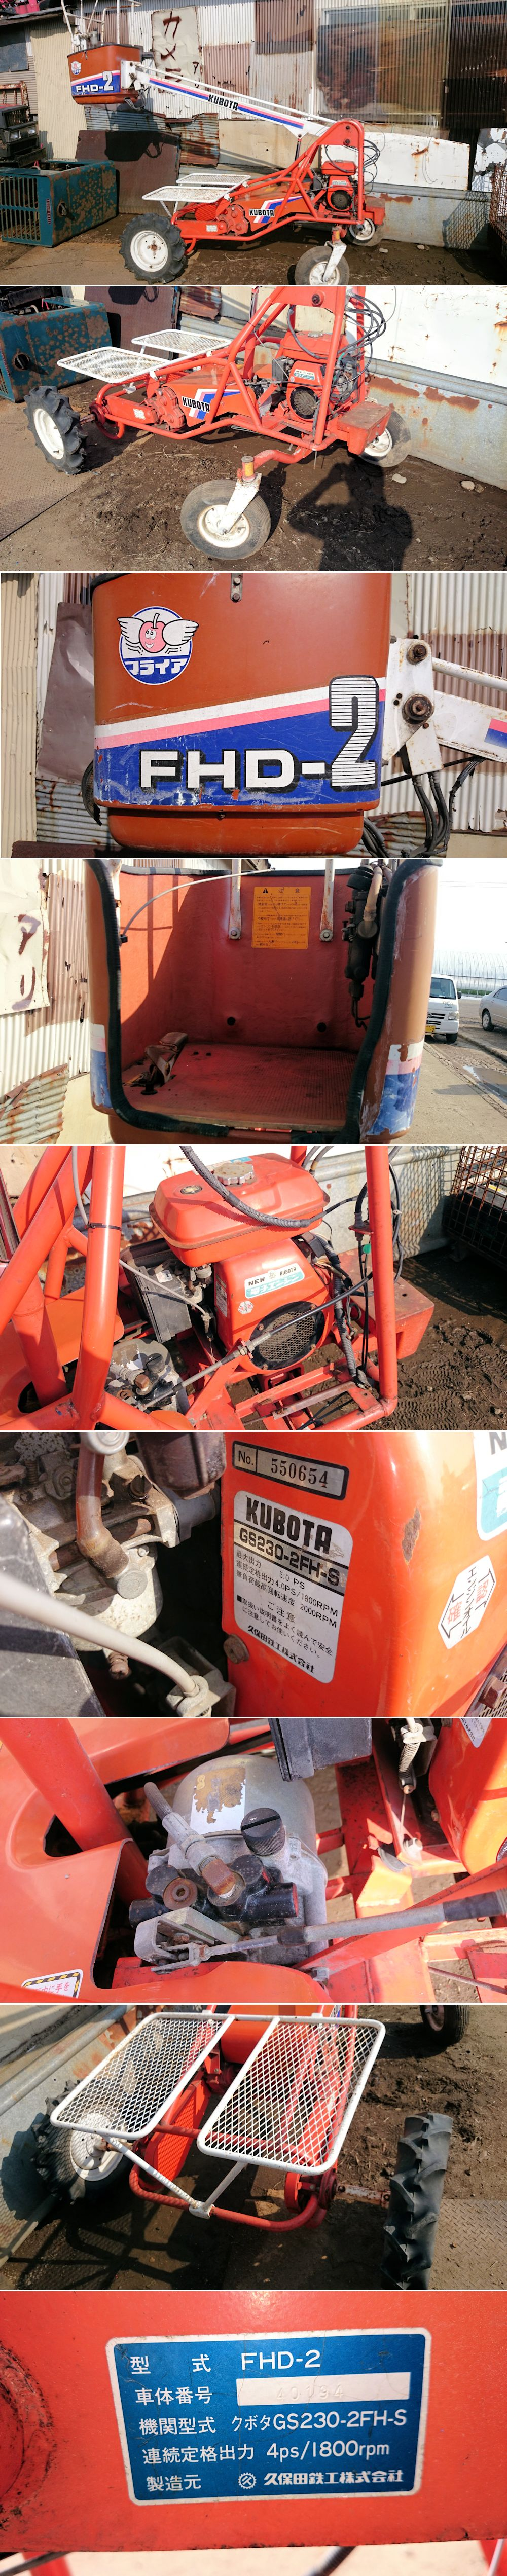 クボタ 4輪 果樹園 高所作業車 リフト FHD-2 4馬力 現状中古 ジャンク